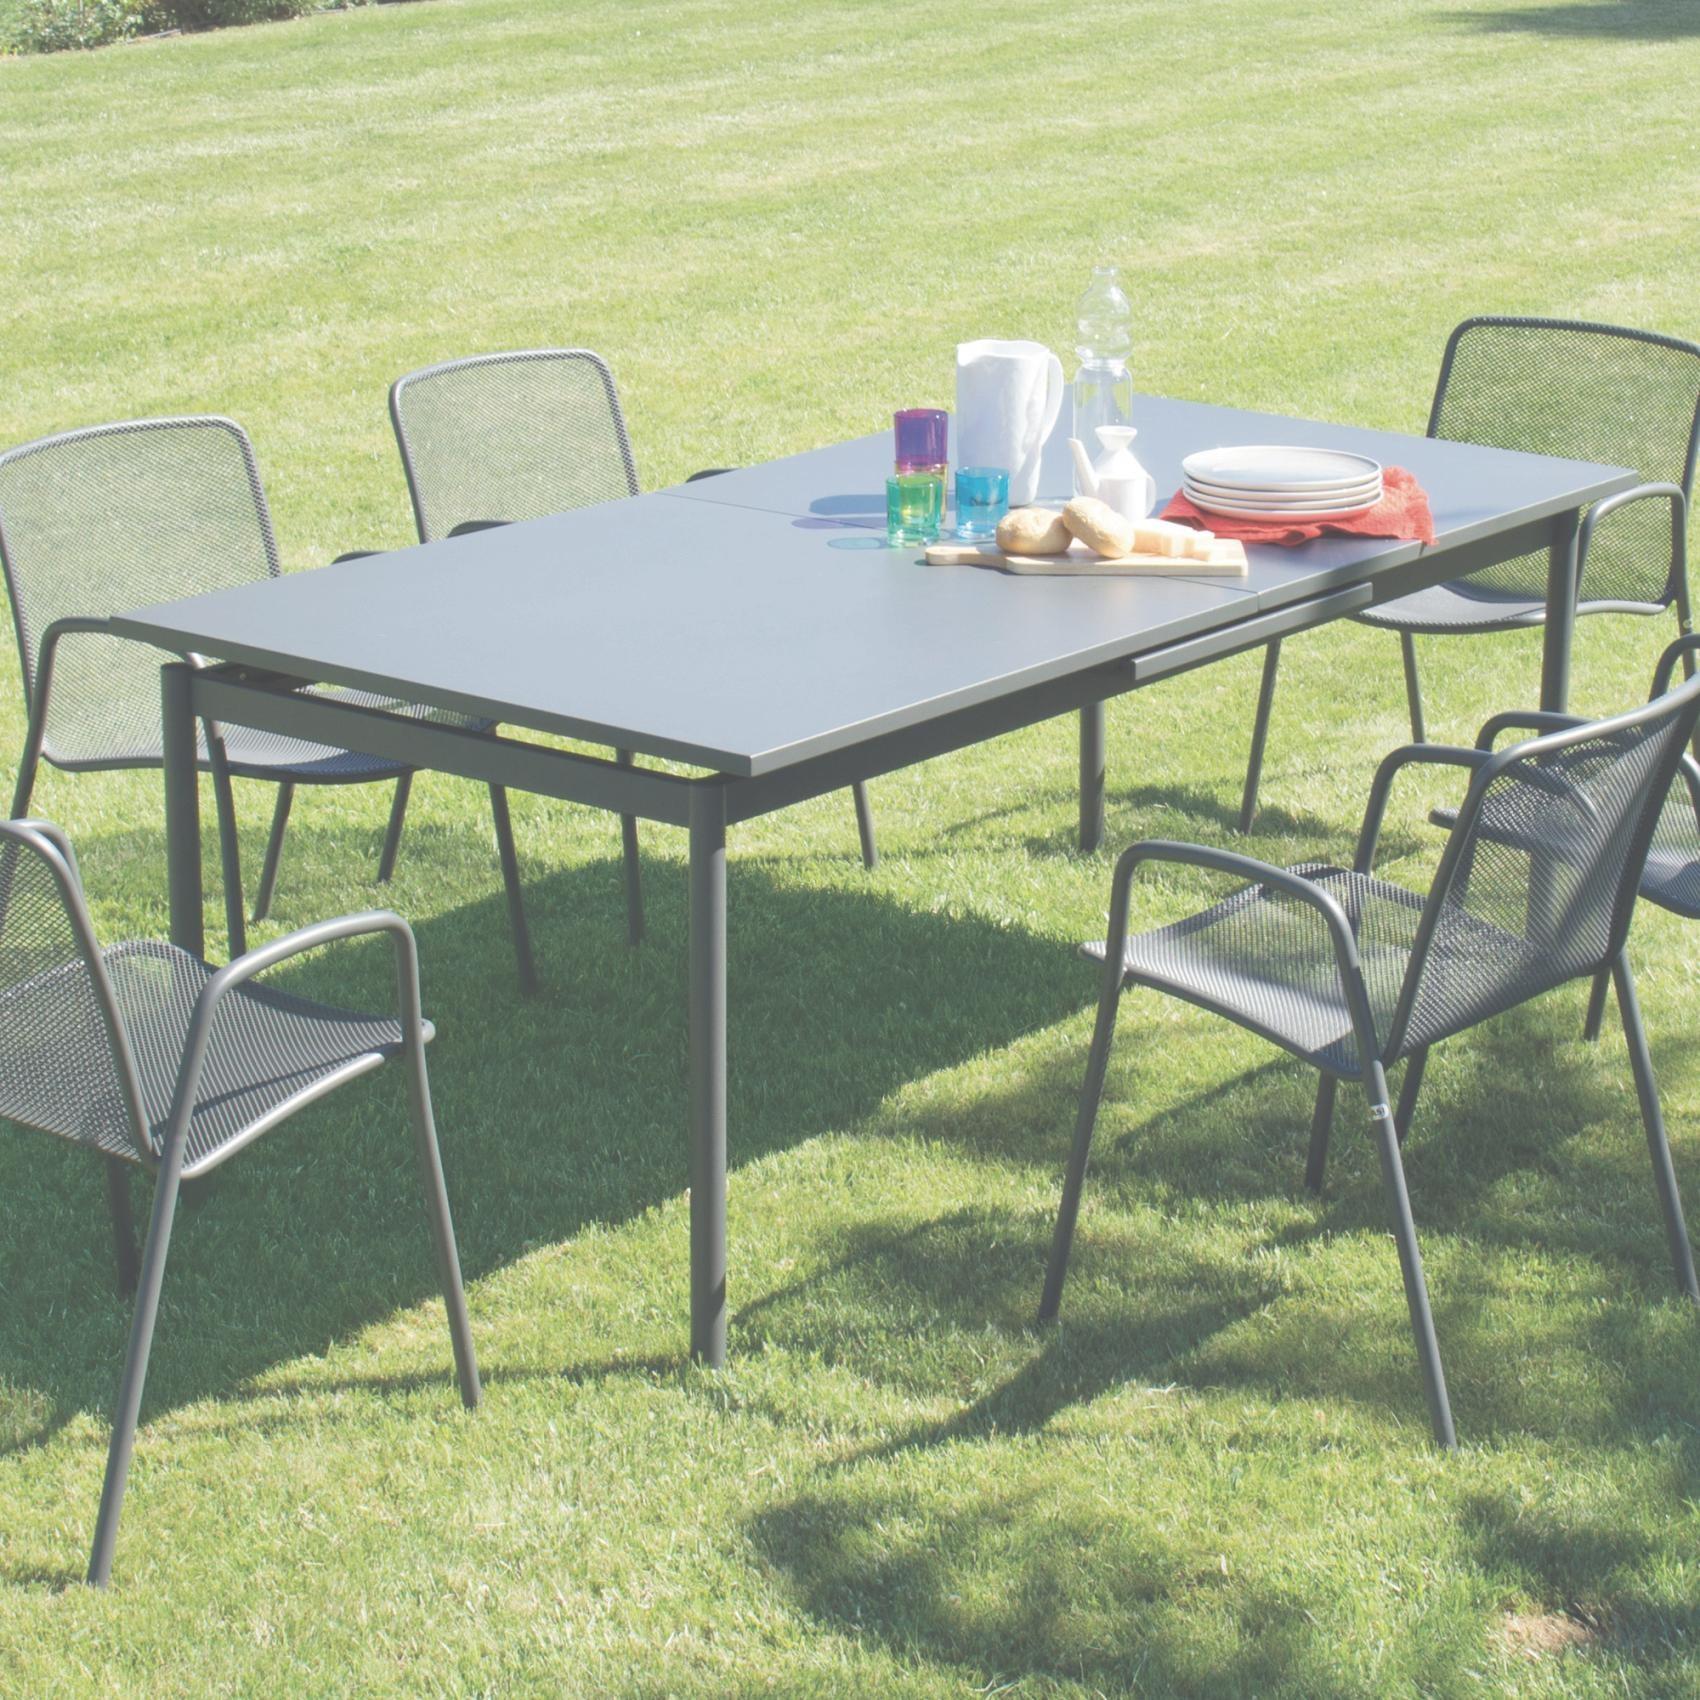 Table Avec Parasol | Salon De Jardin Avec Parasol Luxury Salon De ...